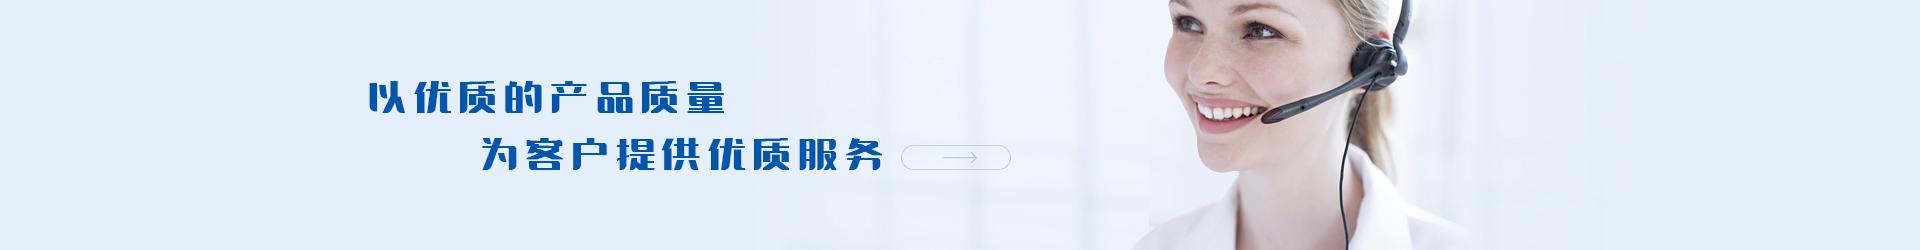 深圳风机厂家